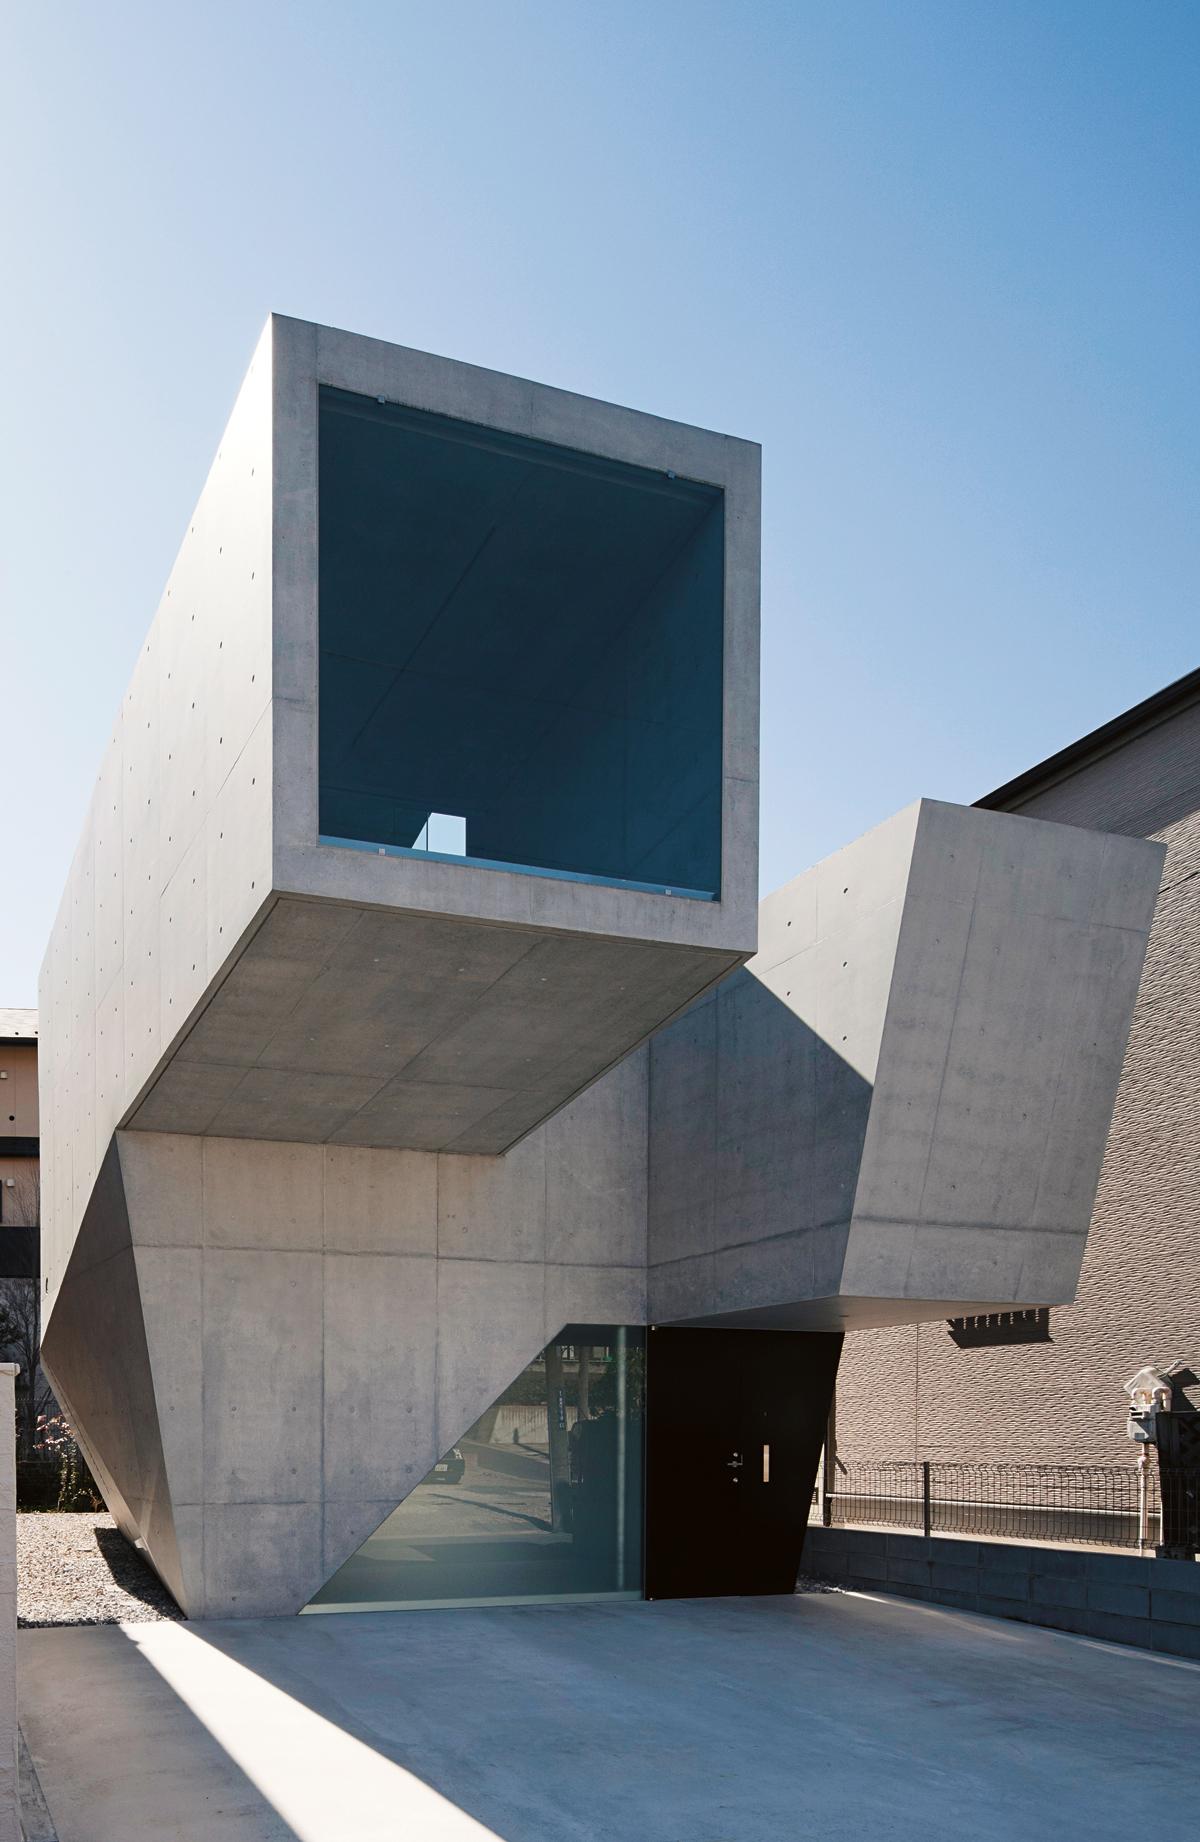 House in Abiko, Fuse Atelier, 2011, Abiko, Chiba Prefecture